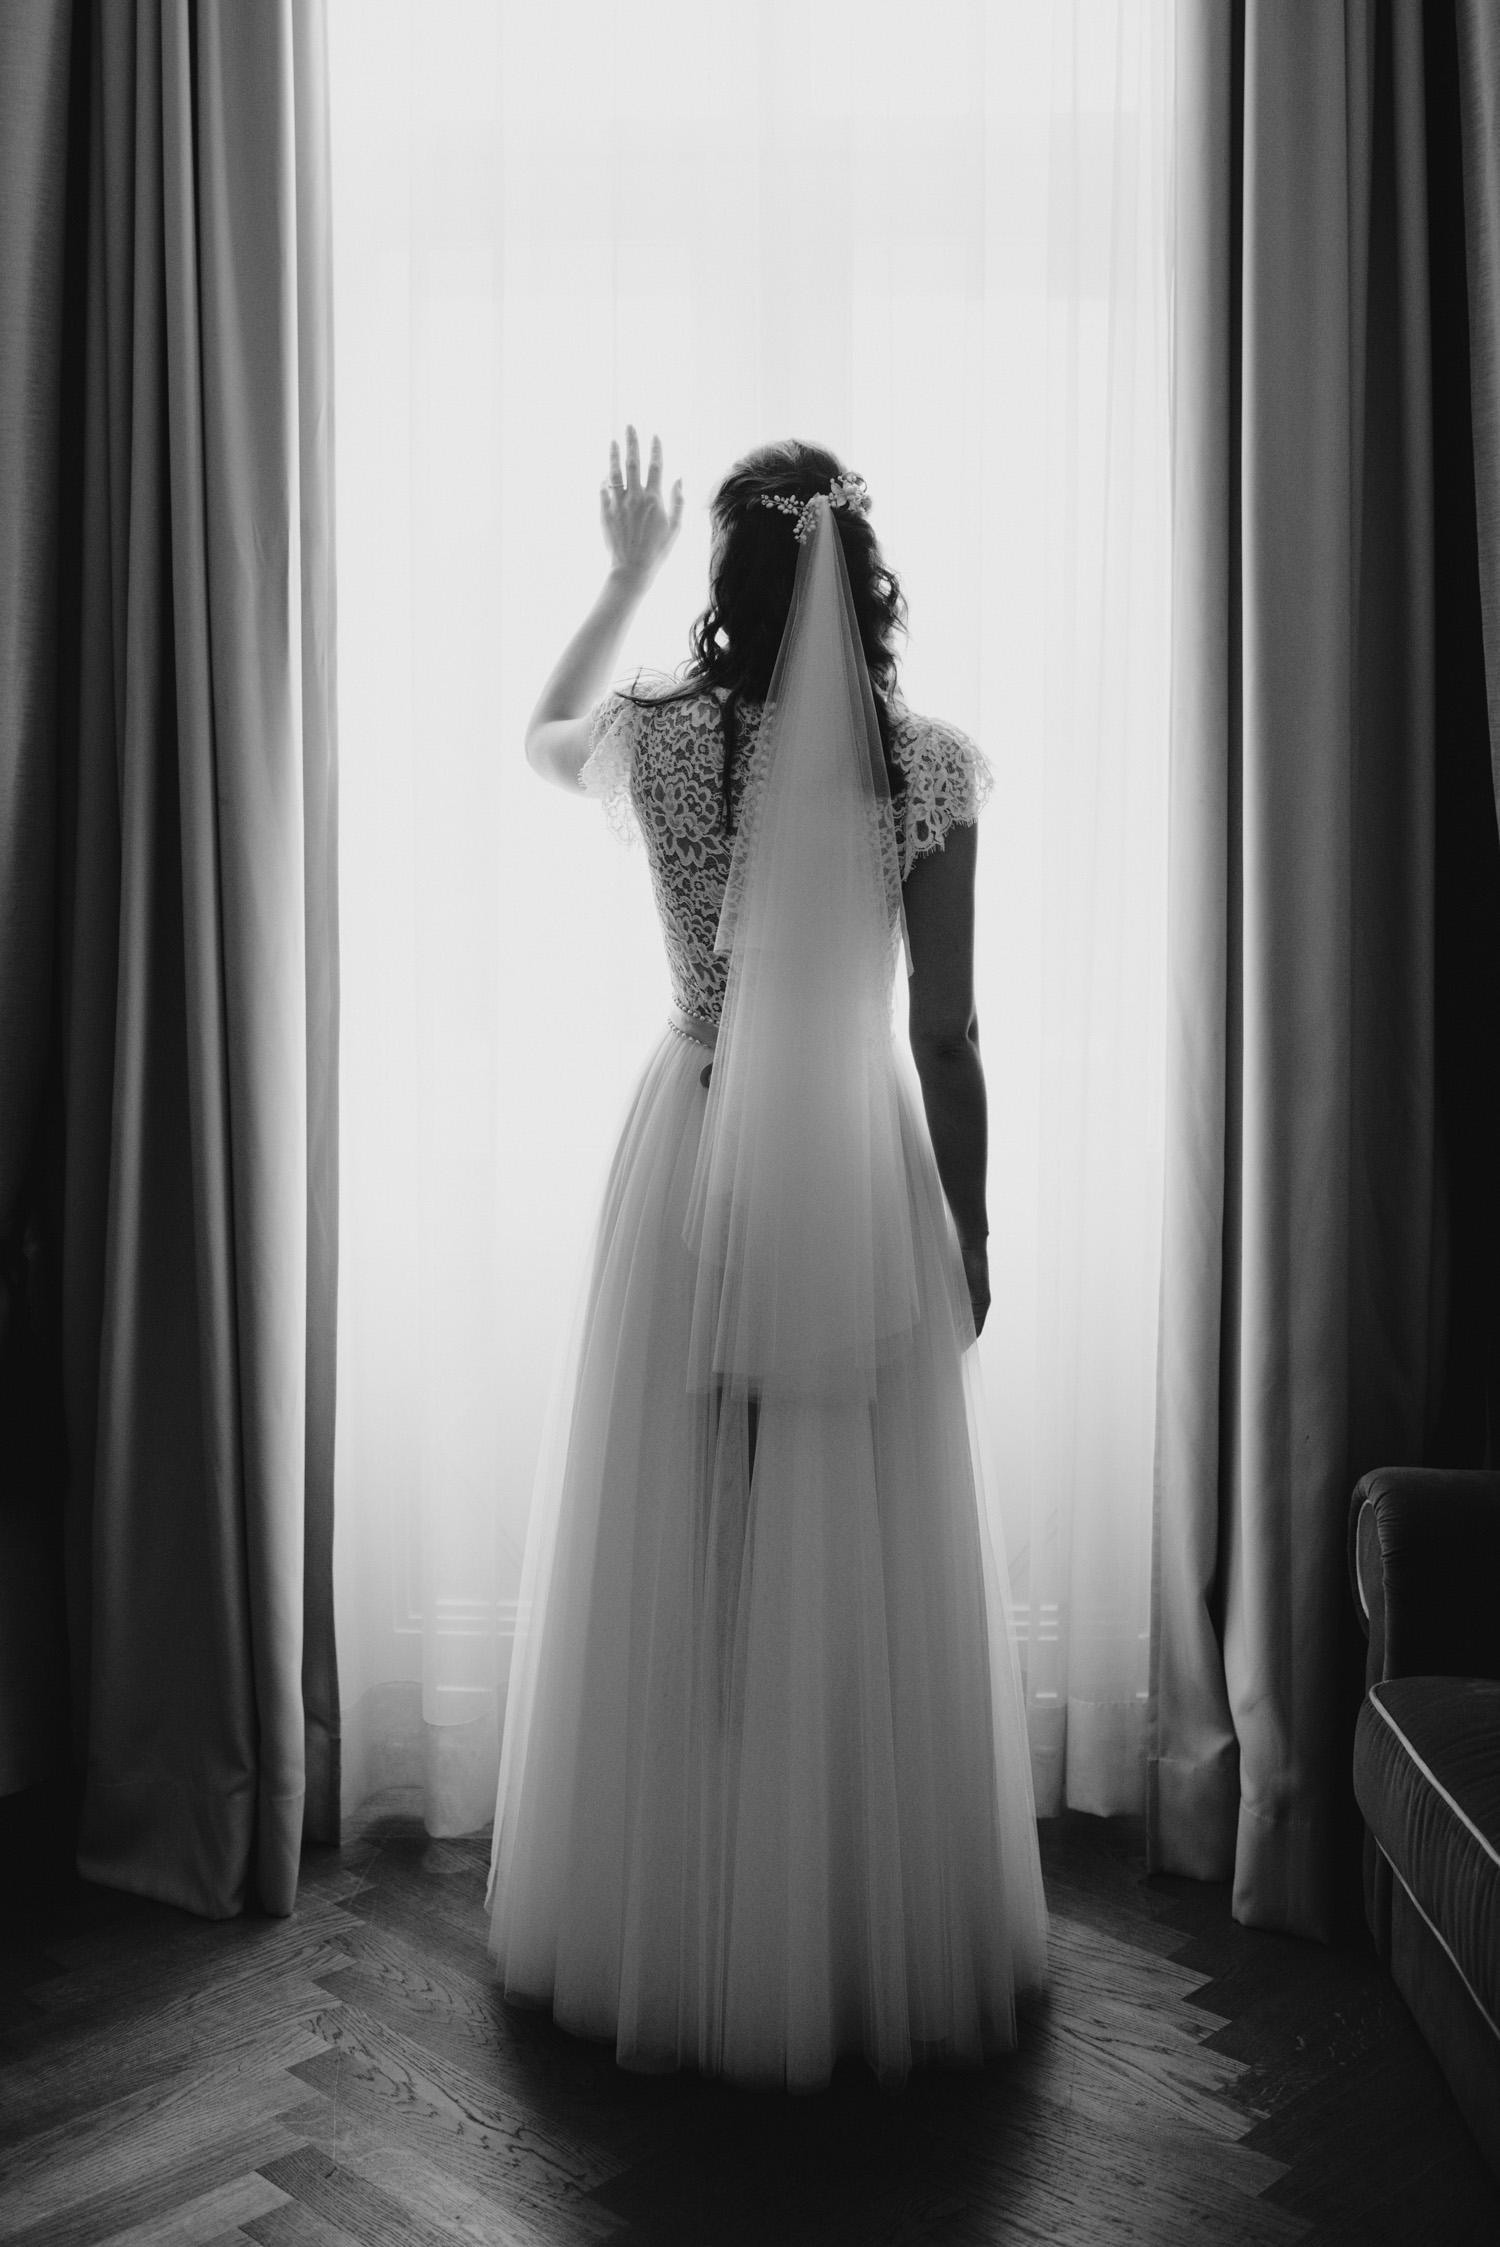 solya-mike-hochzeitsfotografin-hochzeitsfotografen-wien-hermesvilla-wedding-photographer-vienna-austria-71 Hochzeitstipps Teil 1 - Das Getting Ready